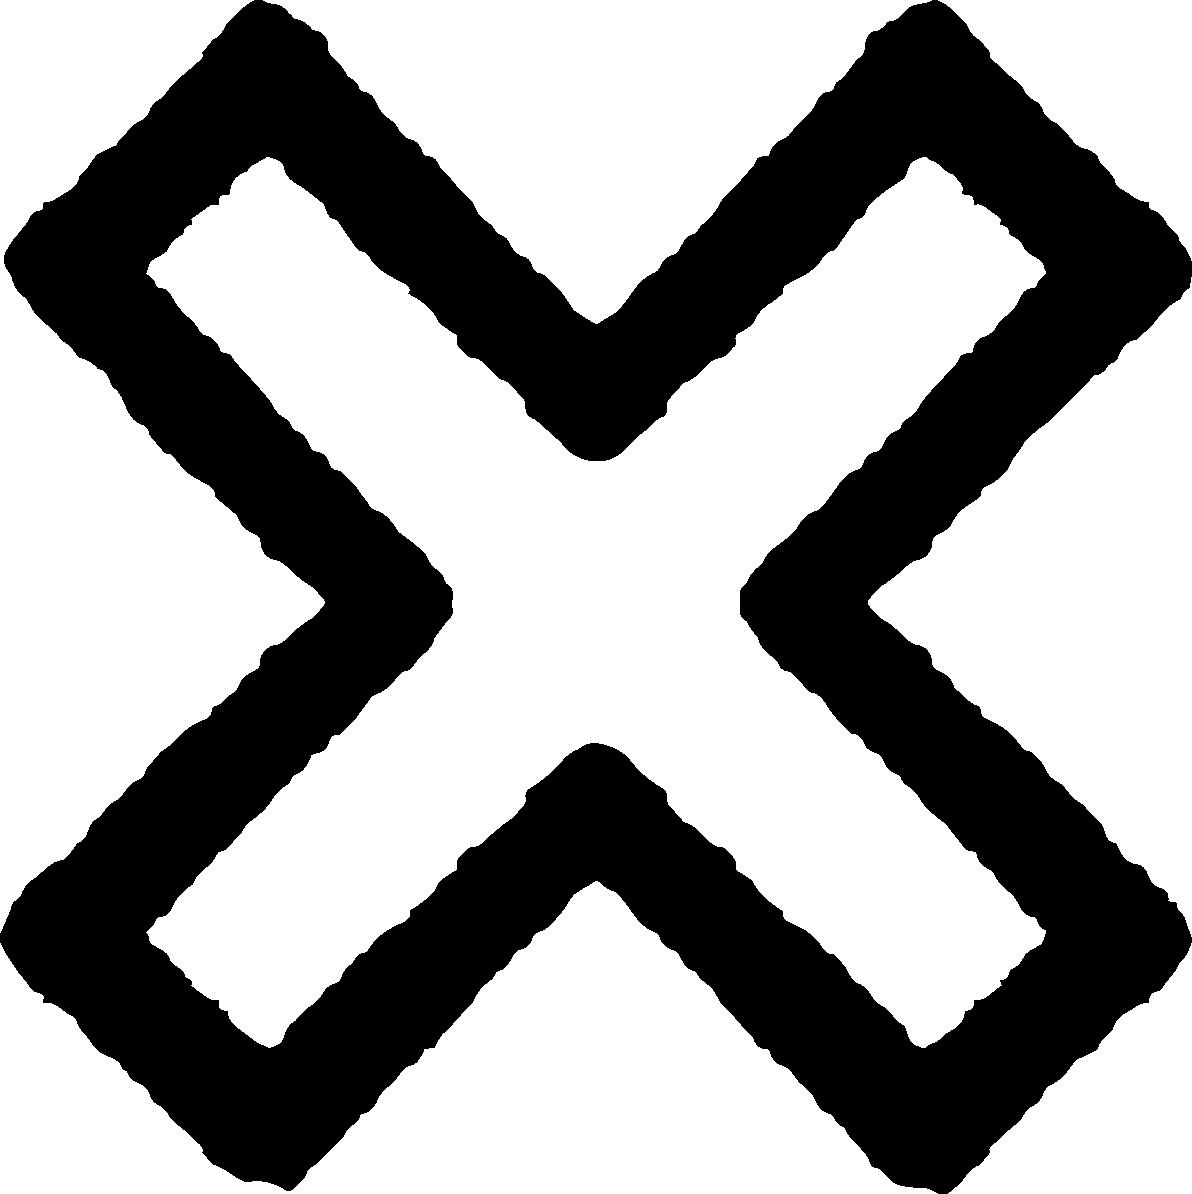 バツ・ペケ印×マークイラスト | かわいい無料イラスト素材